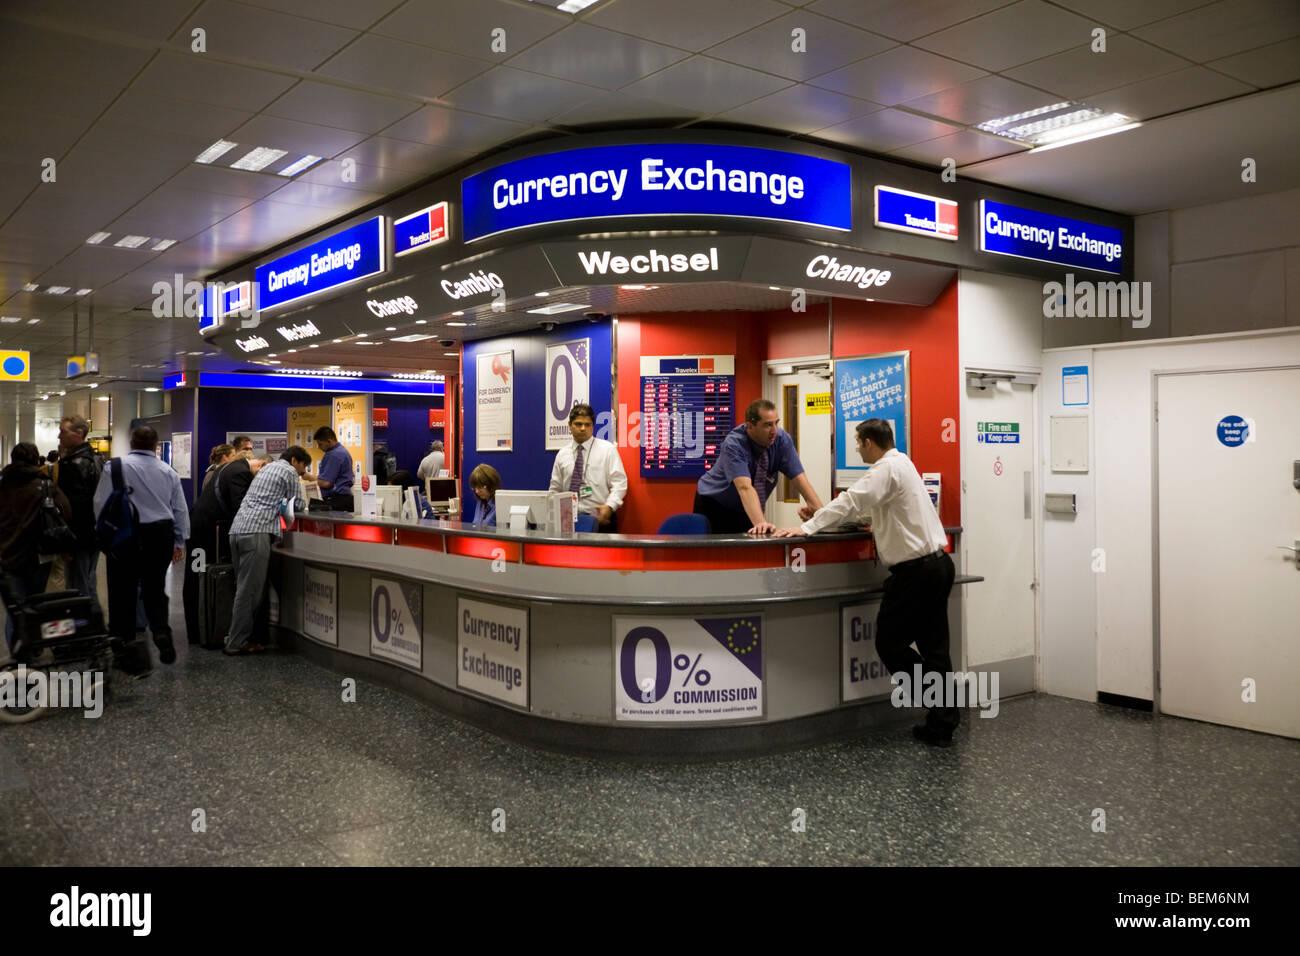 Bureau de change office von travelex am flughafen gatwick south